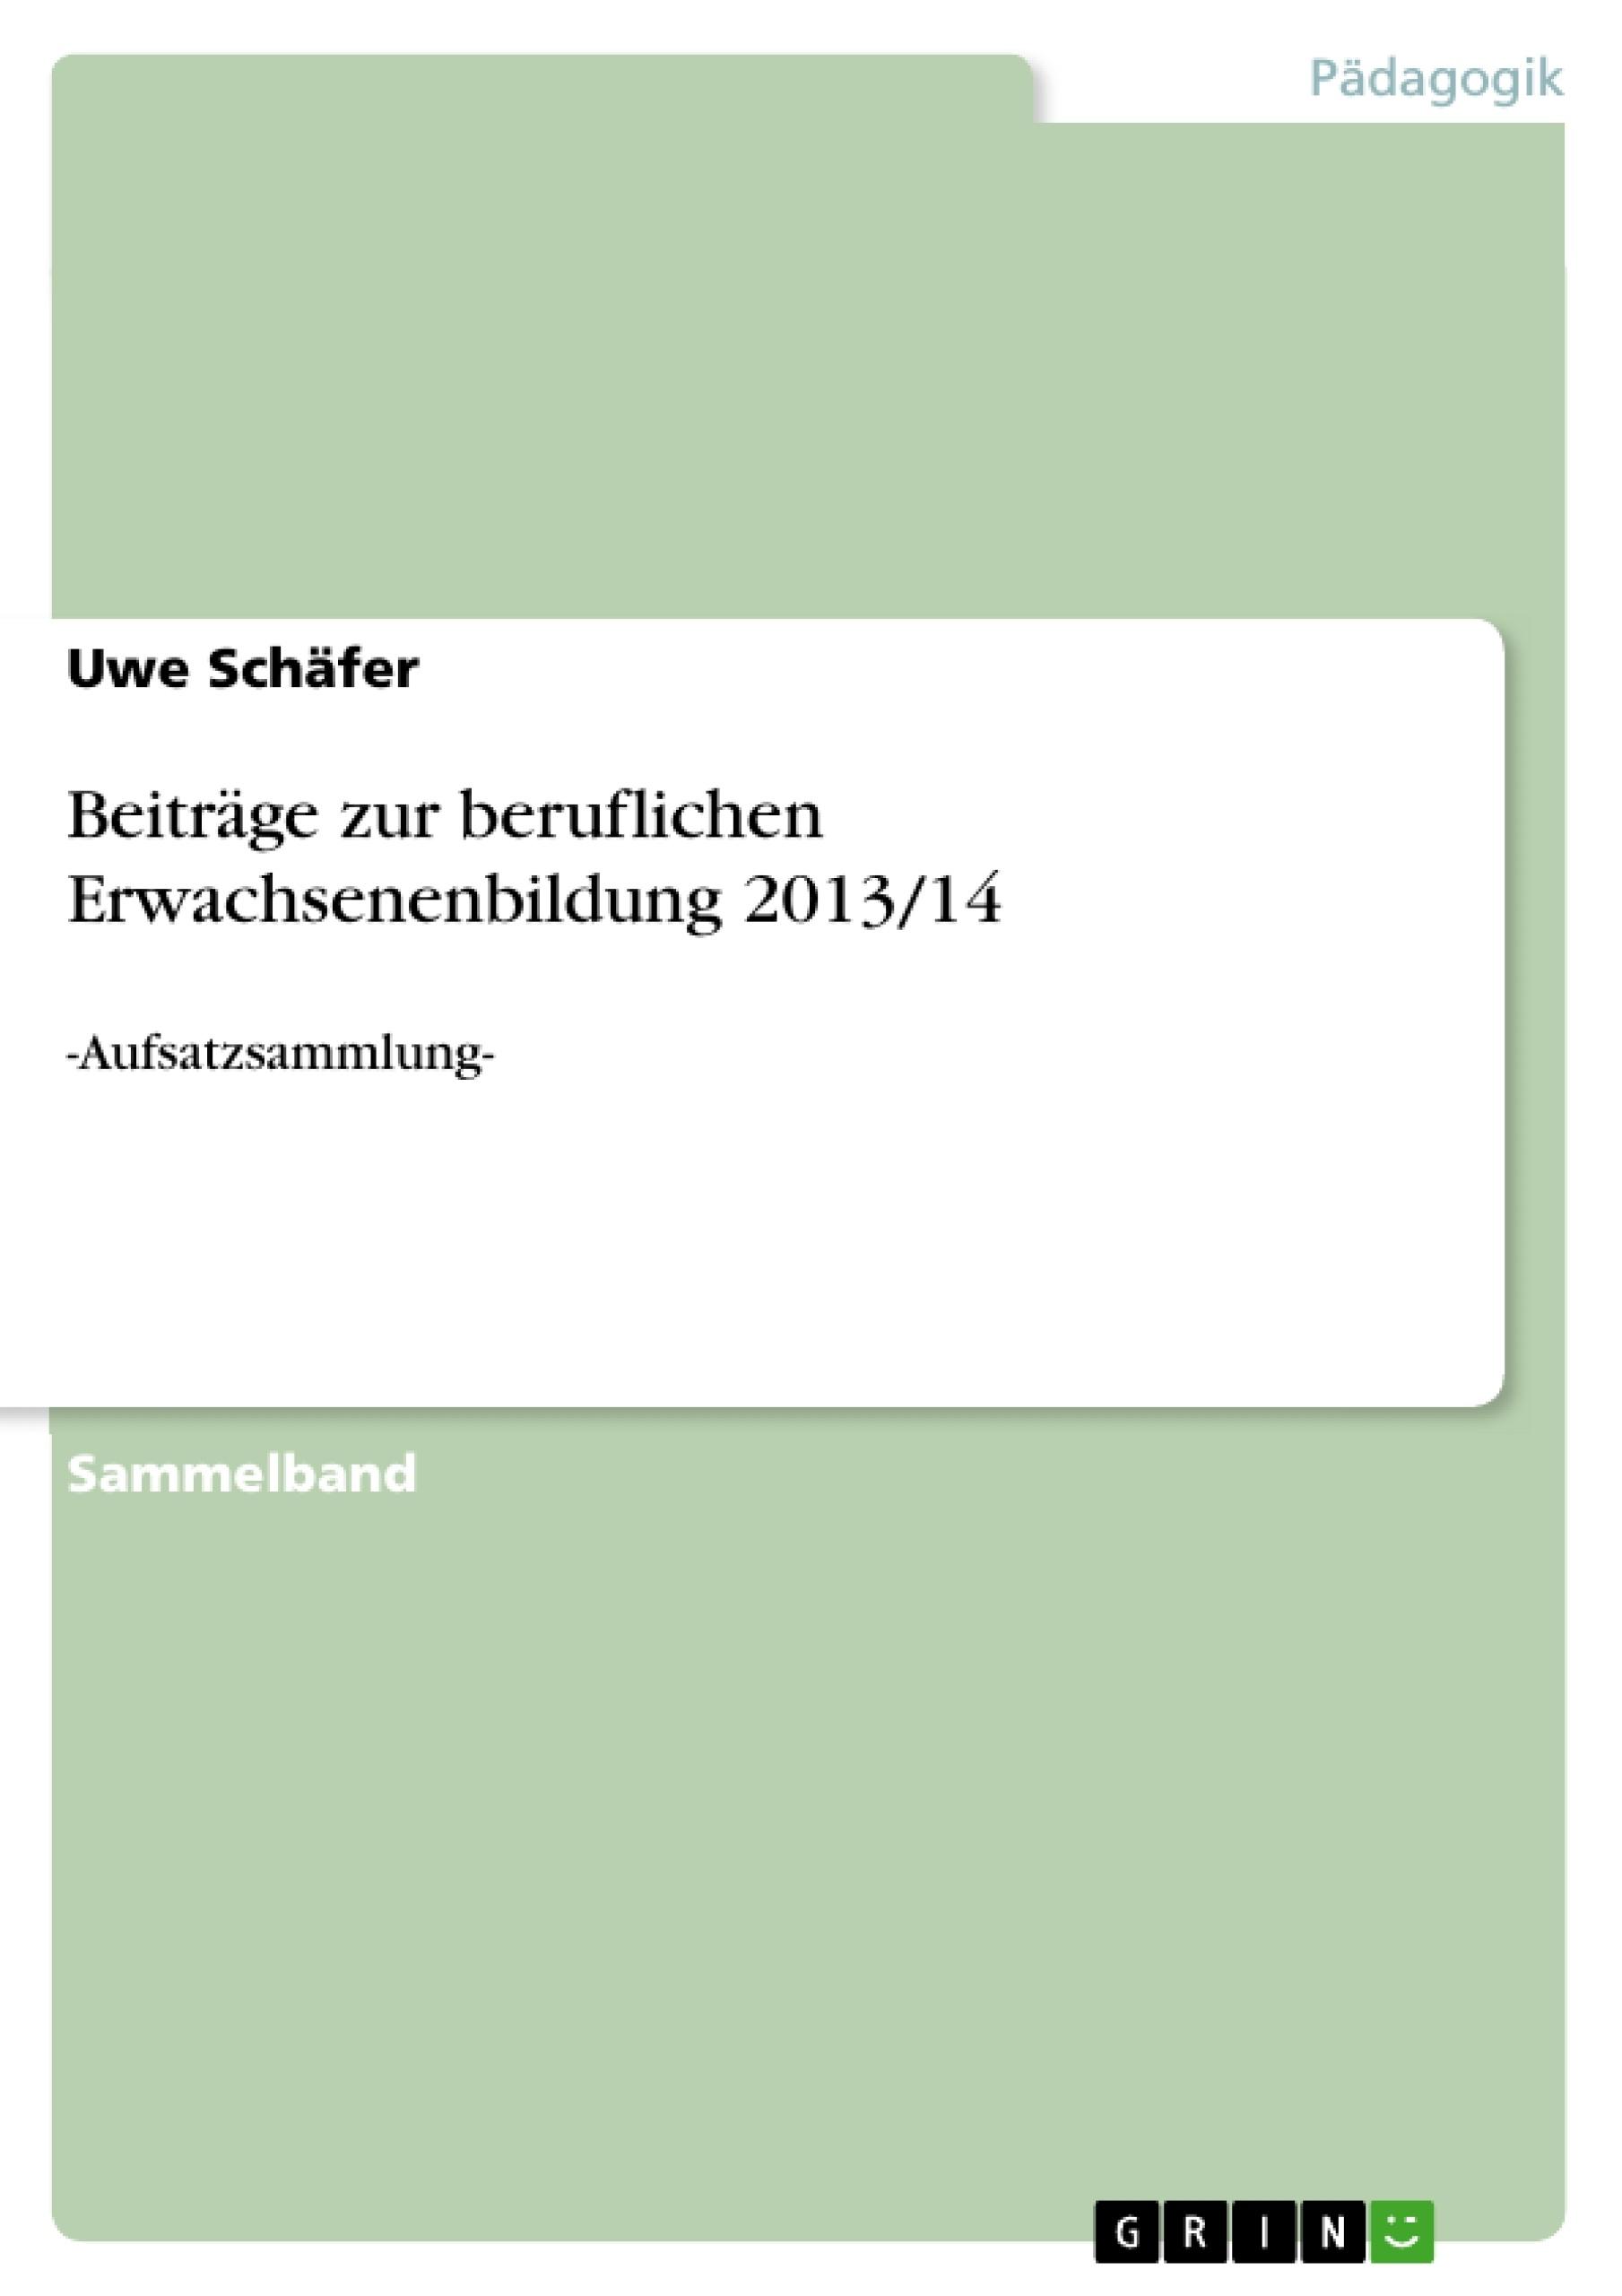 Titel: Beiträge zur beruflichen Erwachsenenbildung 2013/14